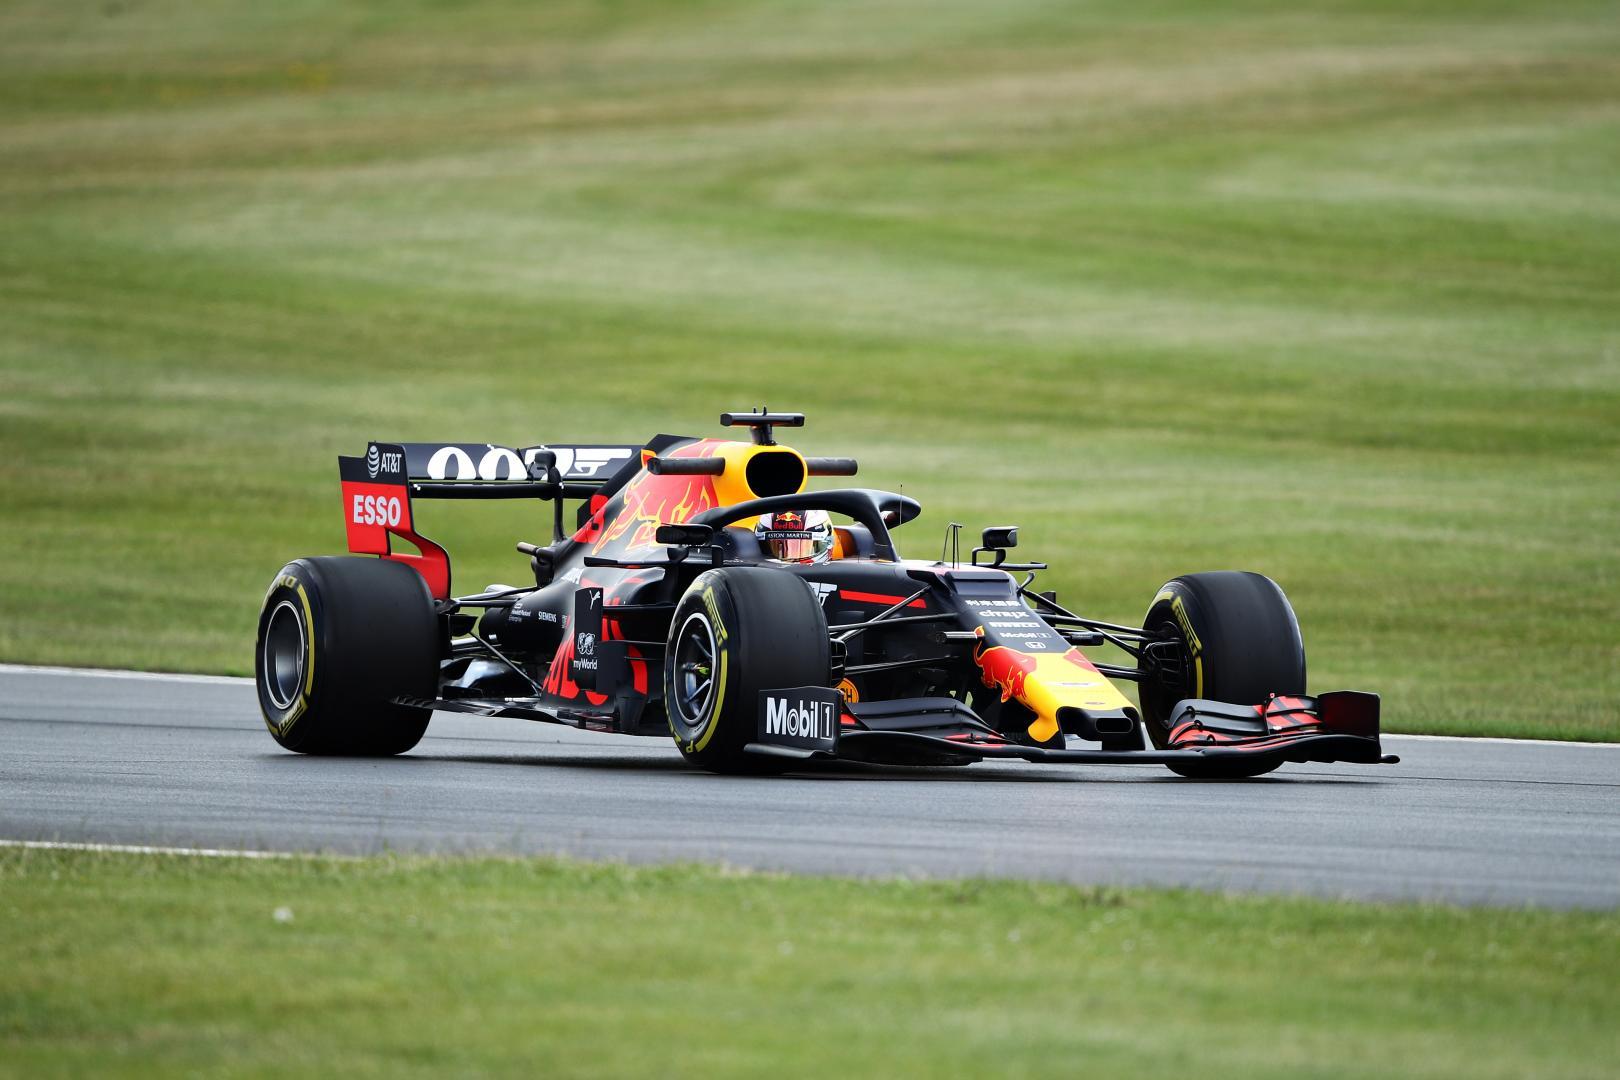 2e vrije training van de GP van Groot-Brittannië 2019